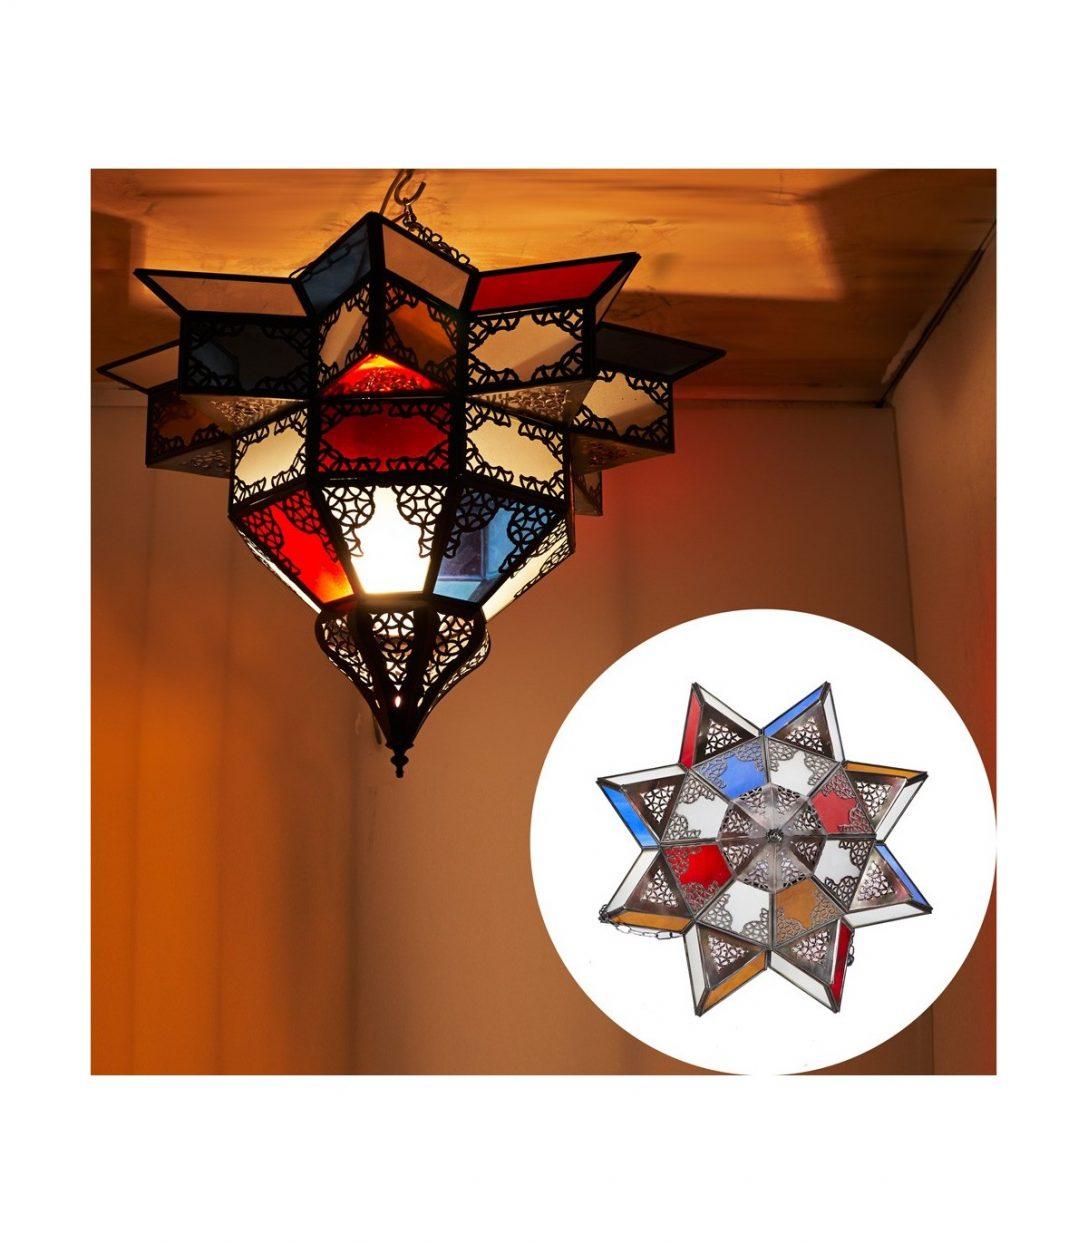 Large Size of Holzlampe Decke Arabische Lampe Mehrfarbige Kristalle Entwurf Wohnzimmer Deckenlampe Deckenleuchte Küche Deckenlampen Für Deckenleuchten Schlafzimmer Led Bad Wohnzimmer Holzlampe Decke